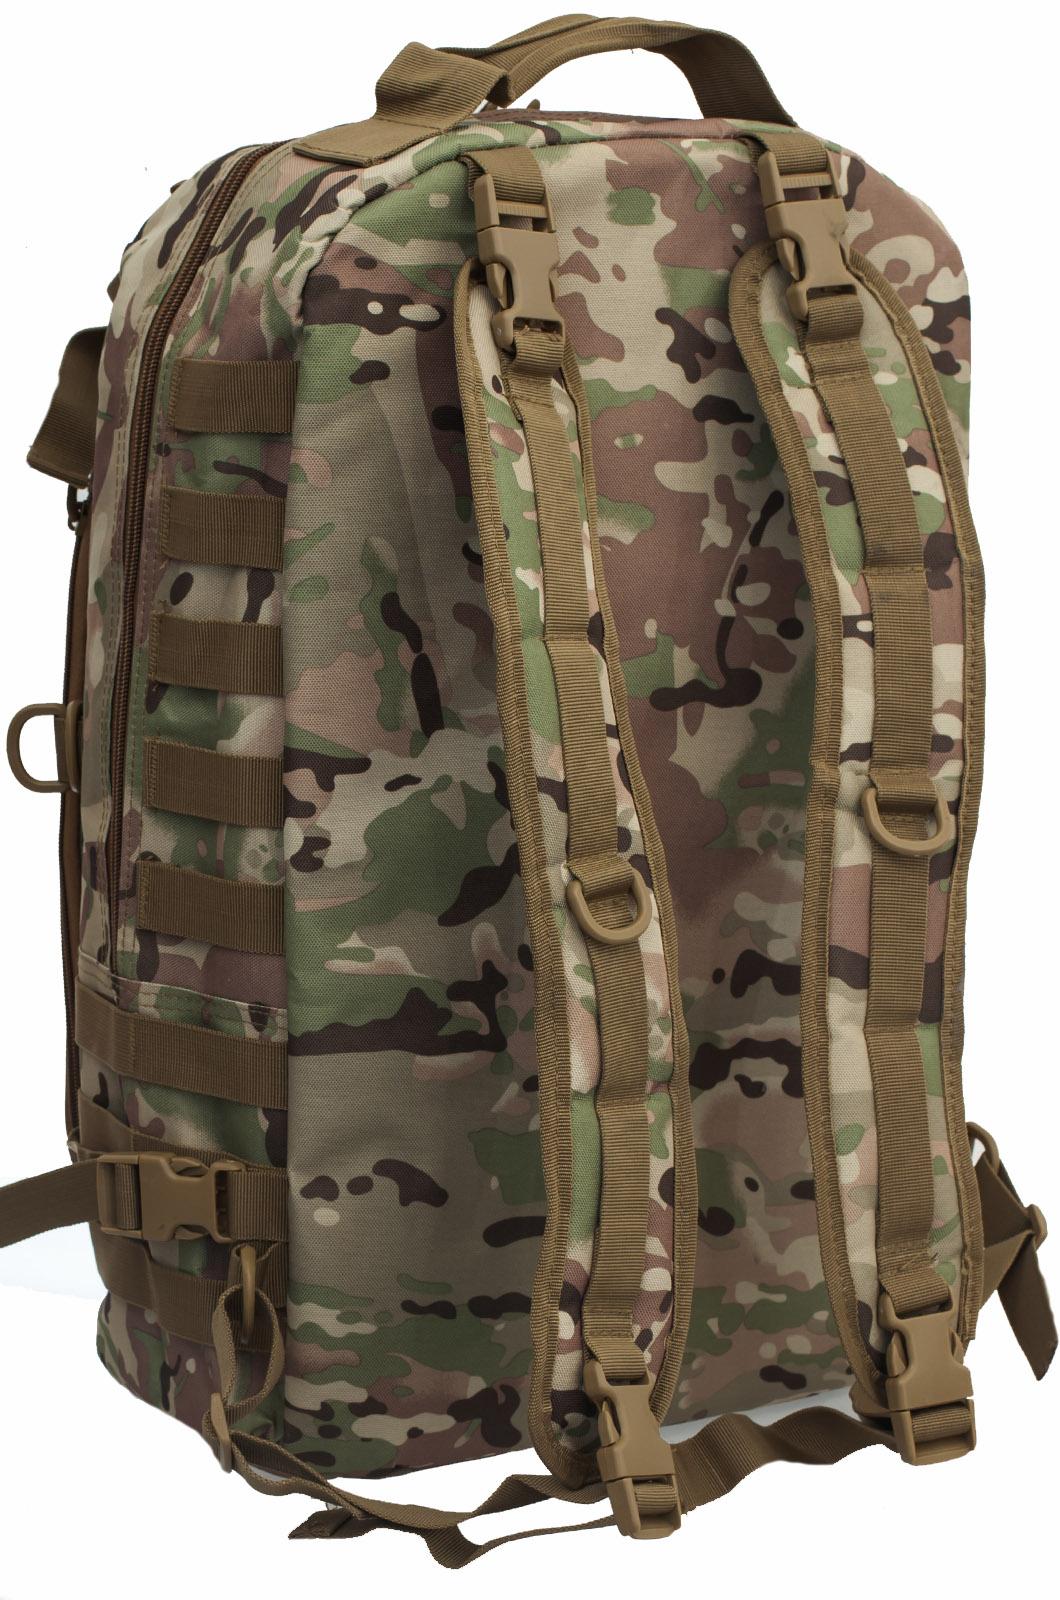 Купить в Москве армейский спецназовский рюкзак